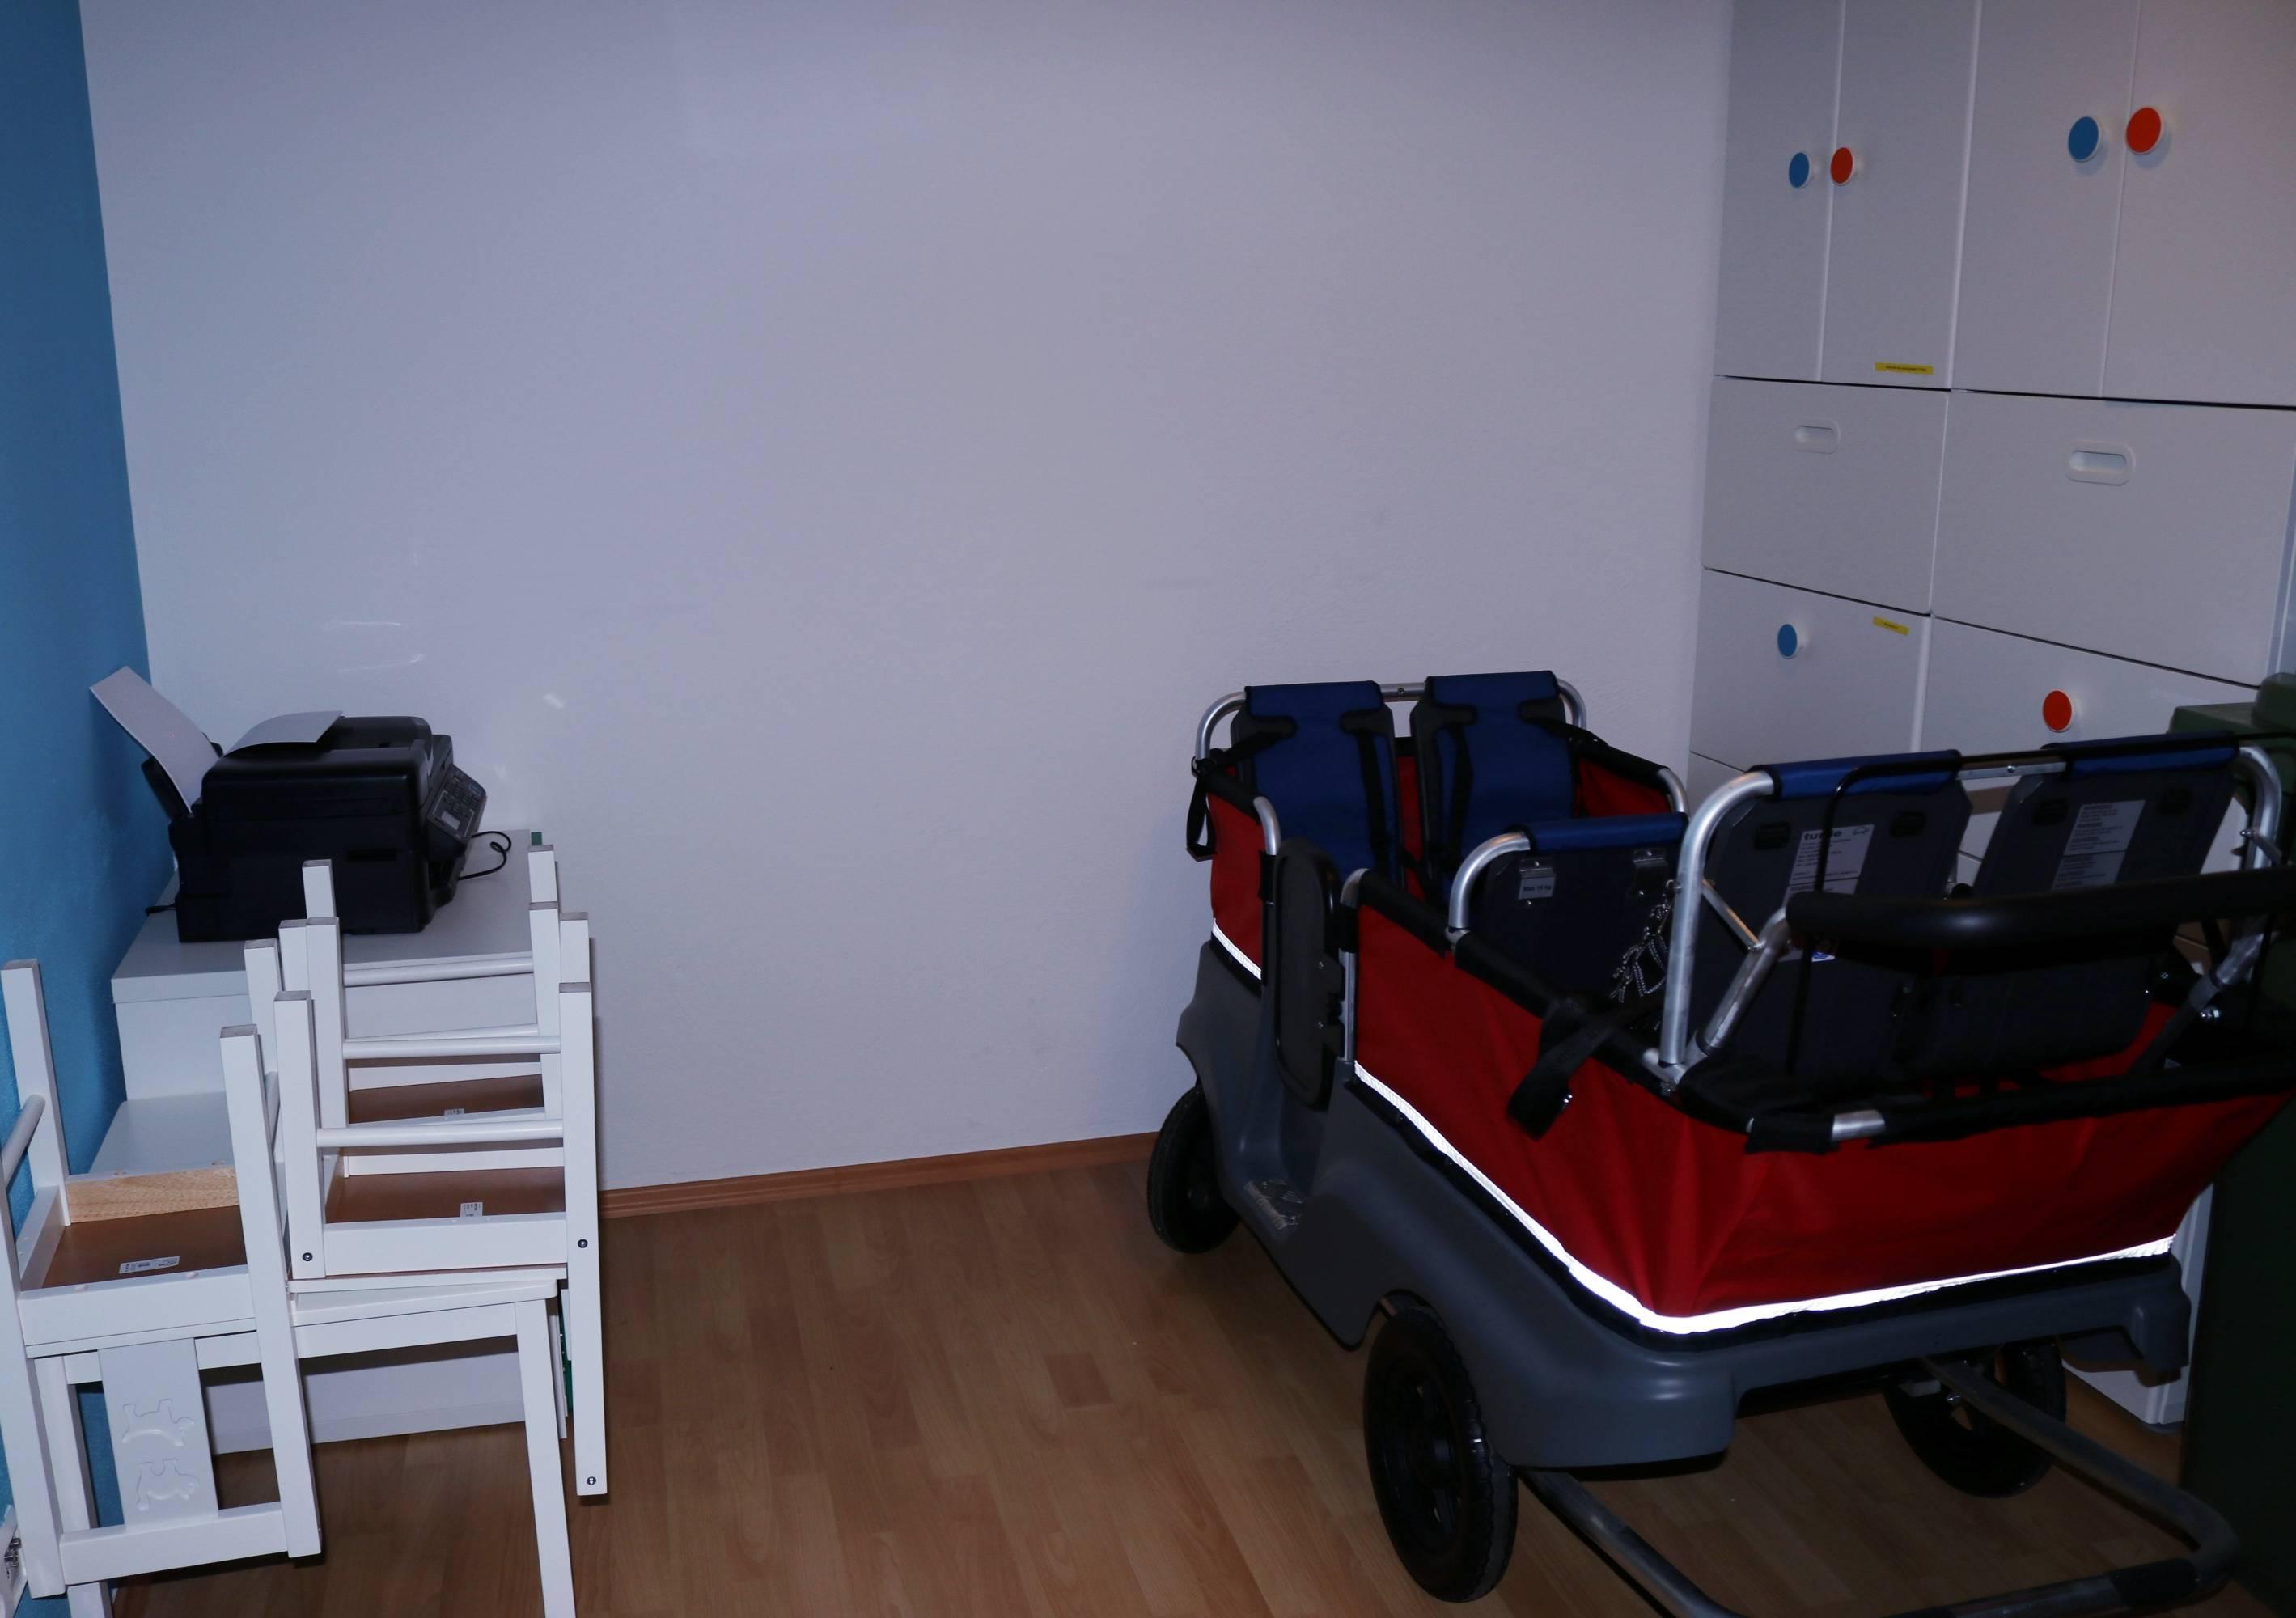 Krippenwagen